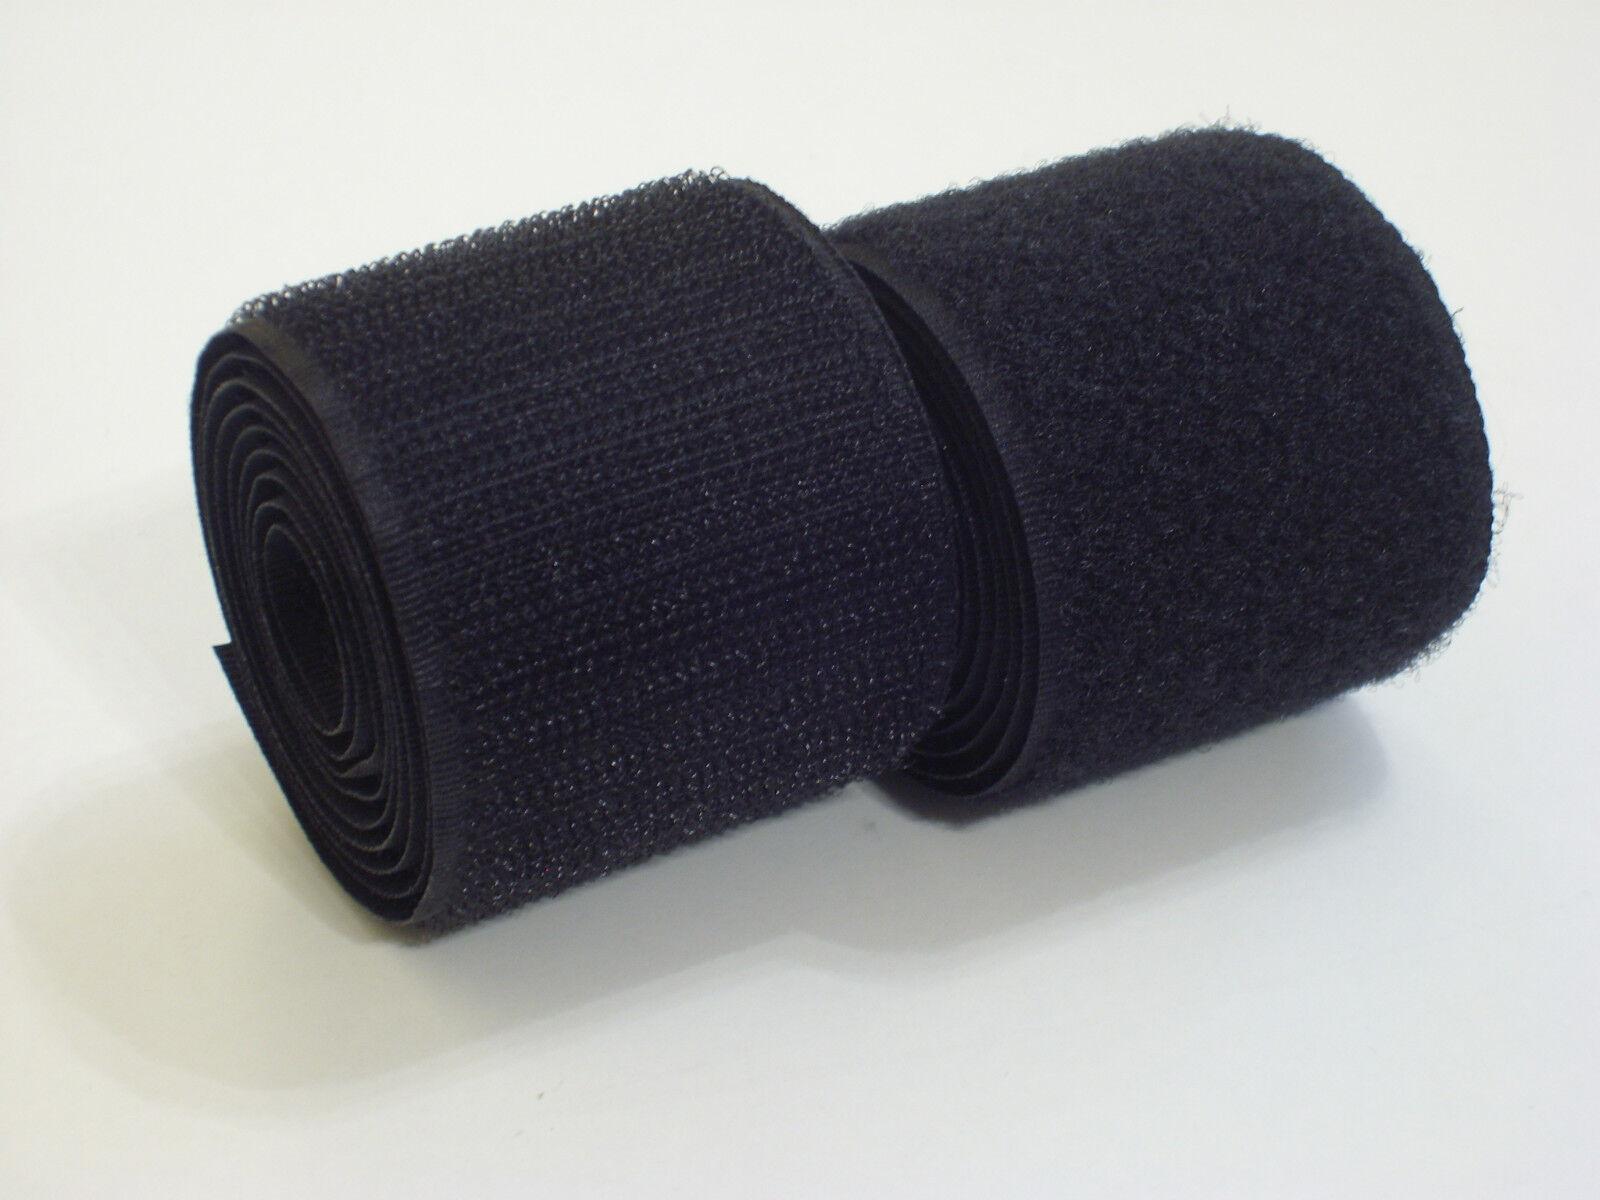 Finden, vergleichen, kaufen - 0,35€/m-29,50€/m   Klettband zum Aufnähen   Farbe Schwarz in Industriequalität  auf eBay.de ab 1.0 EUR